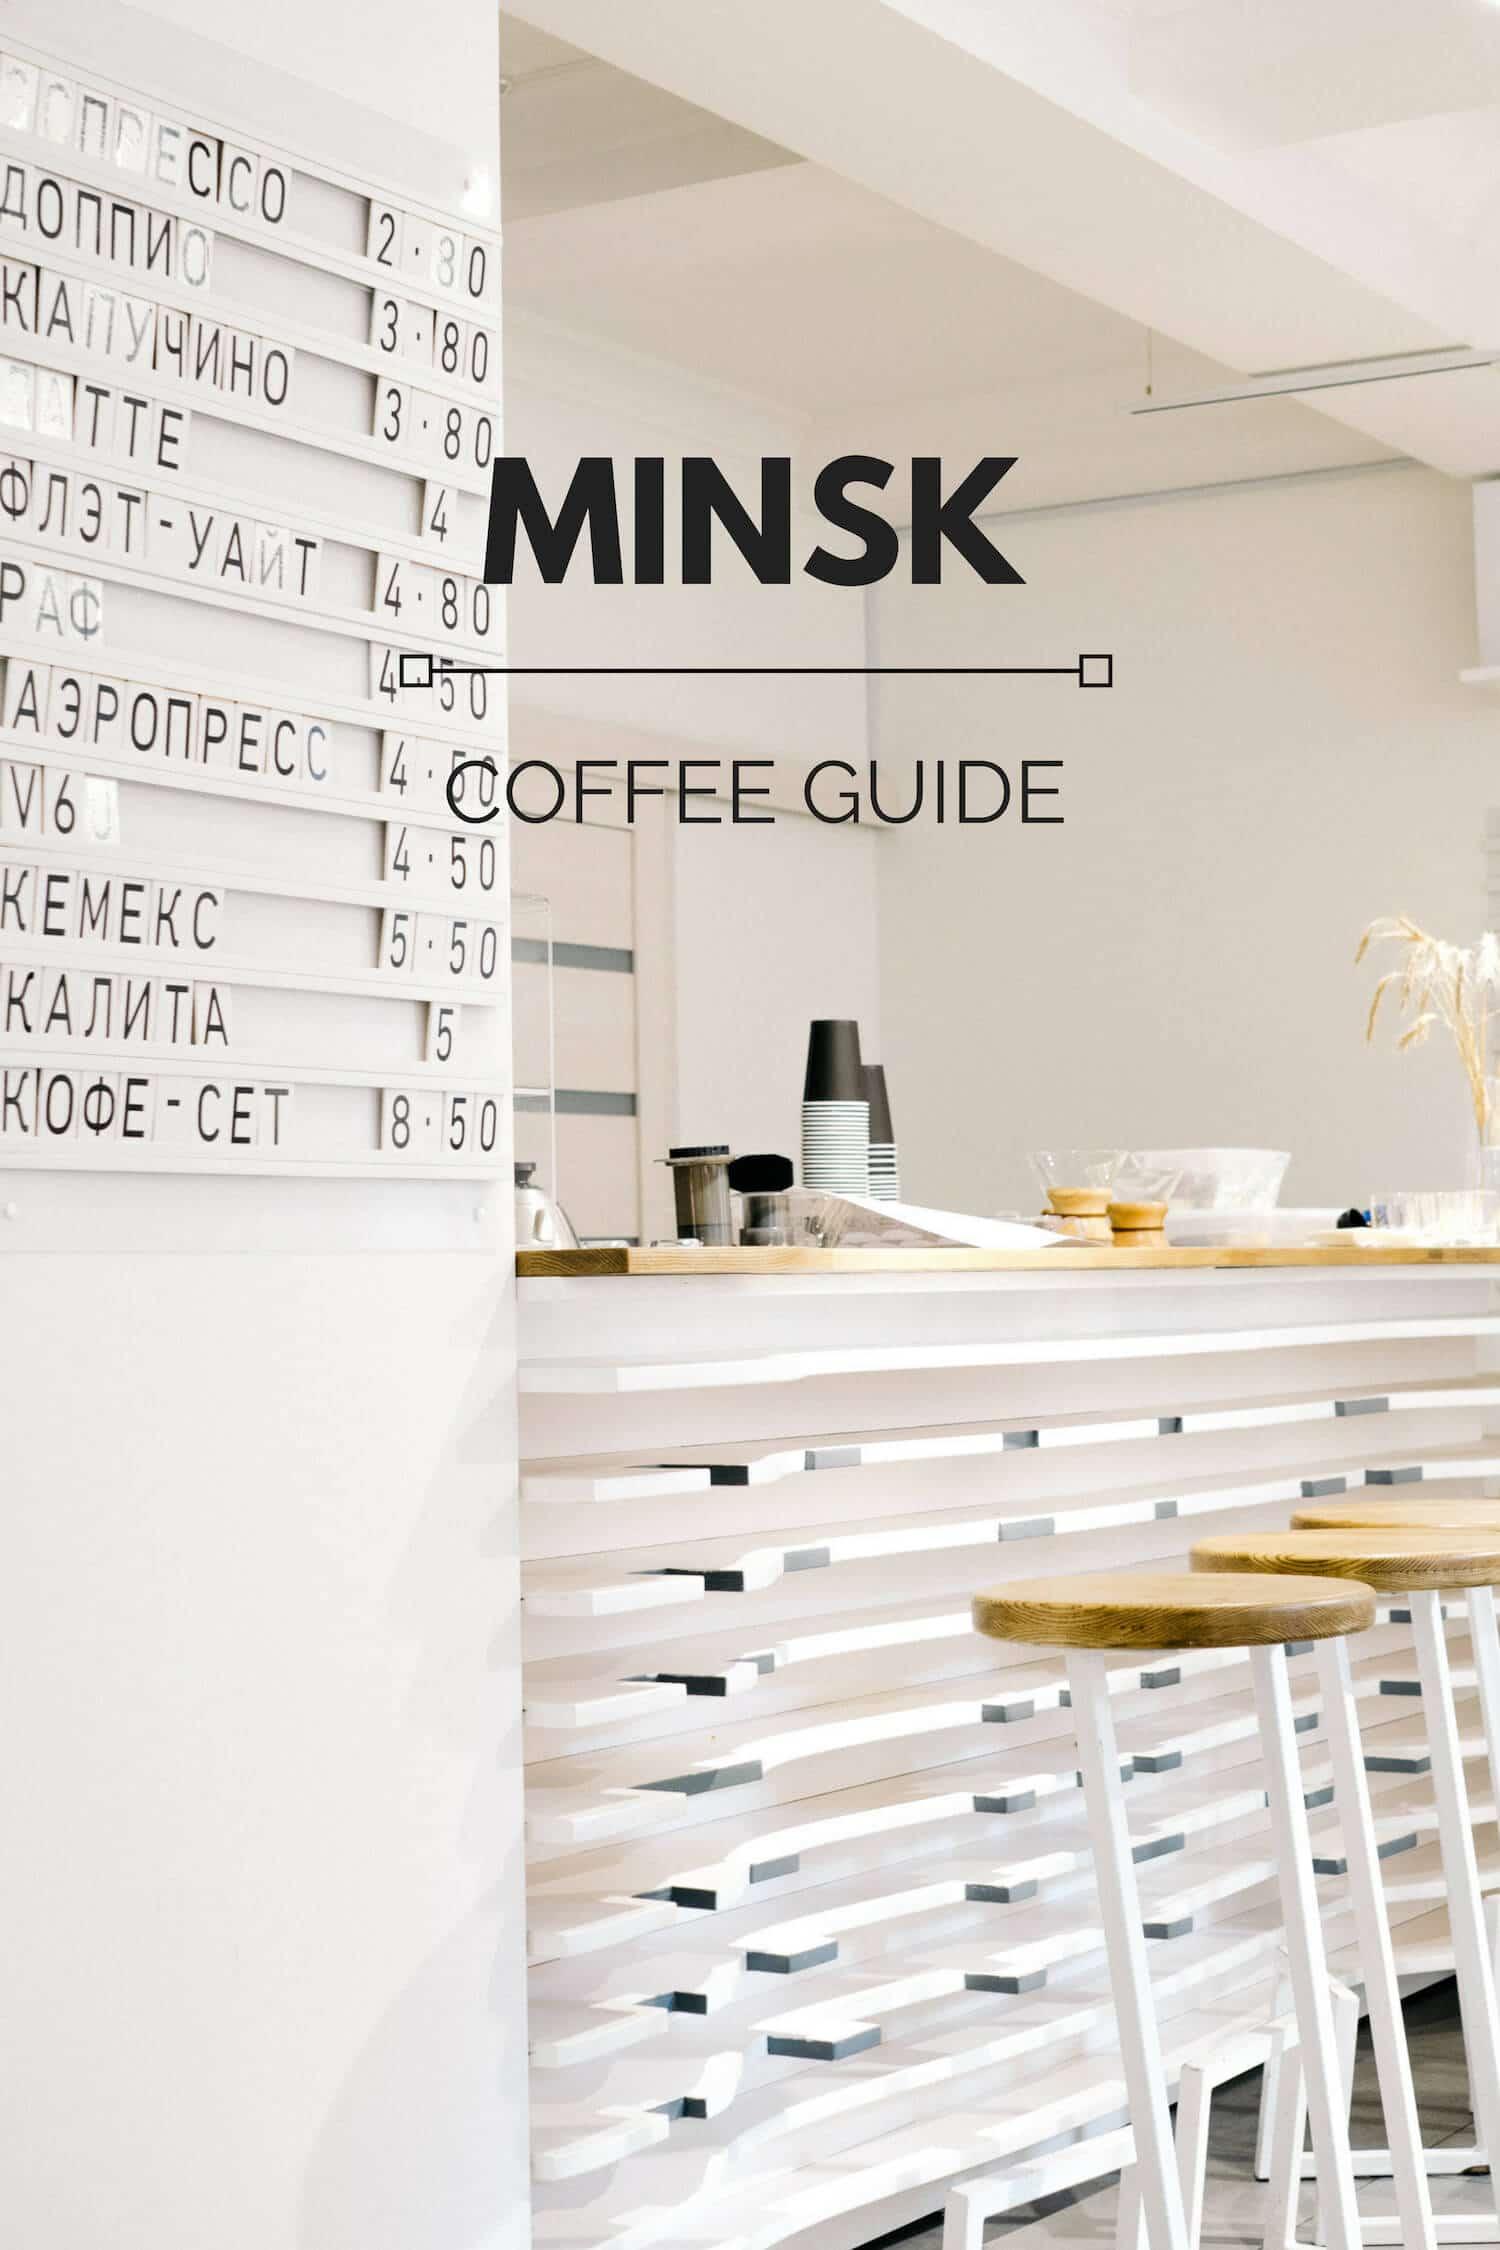 Minsk Coffee Guide